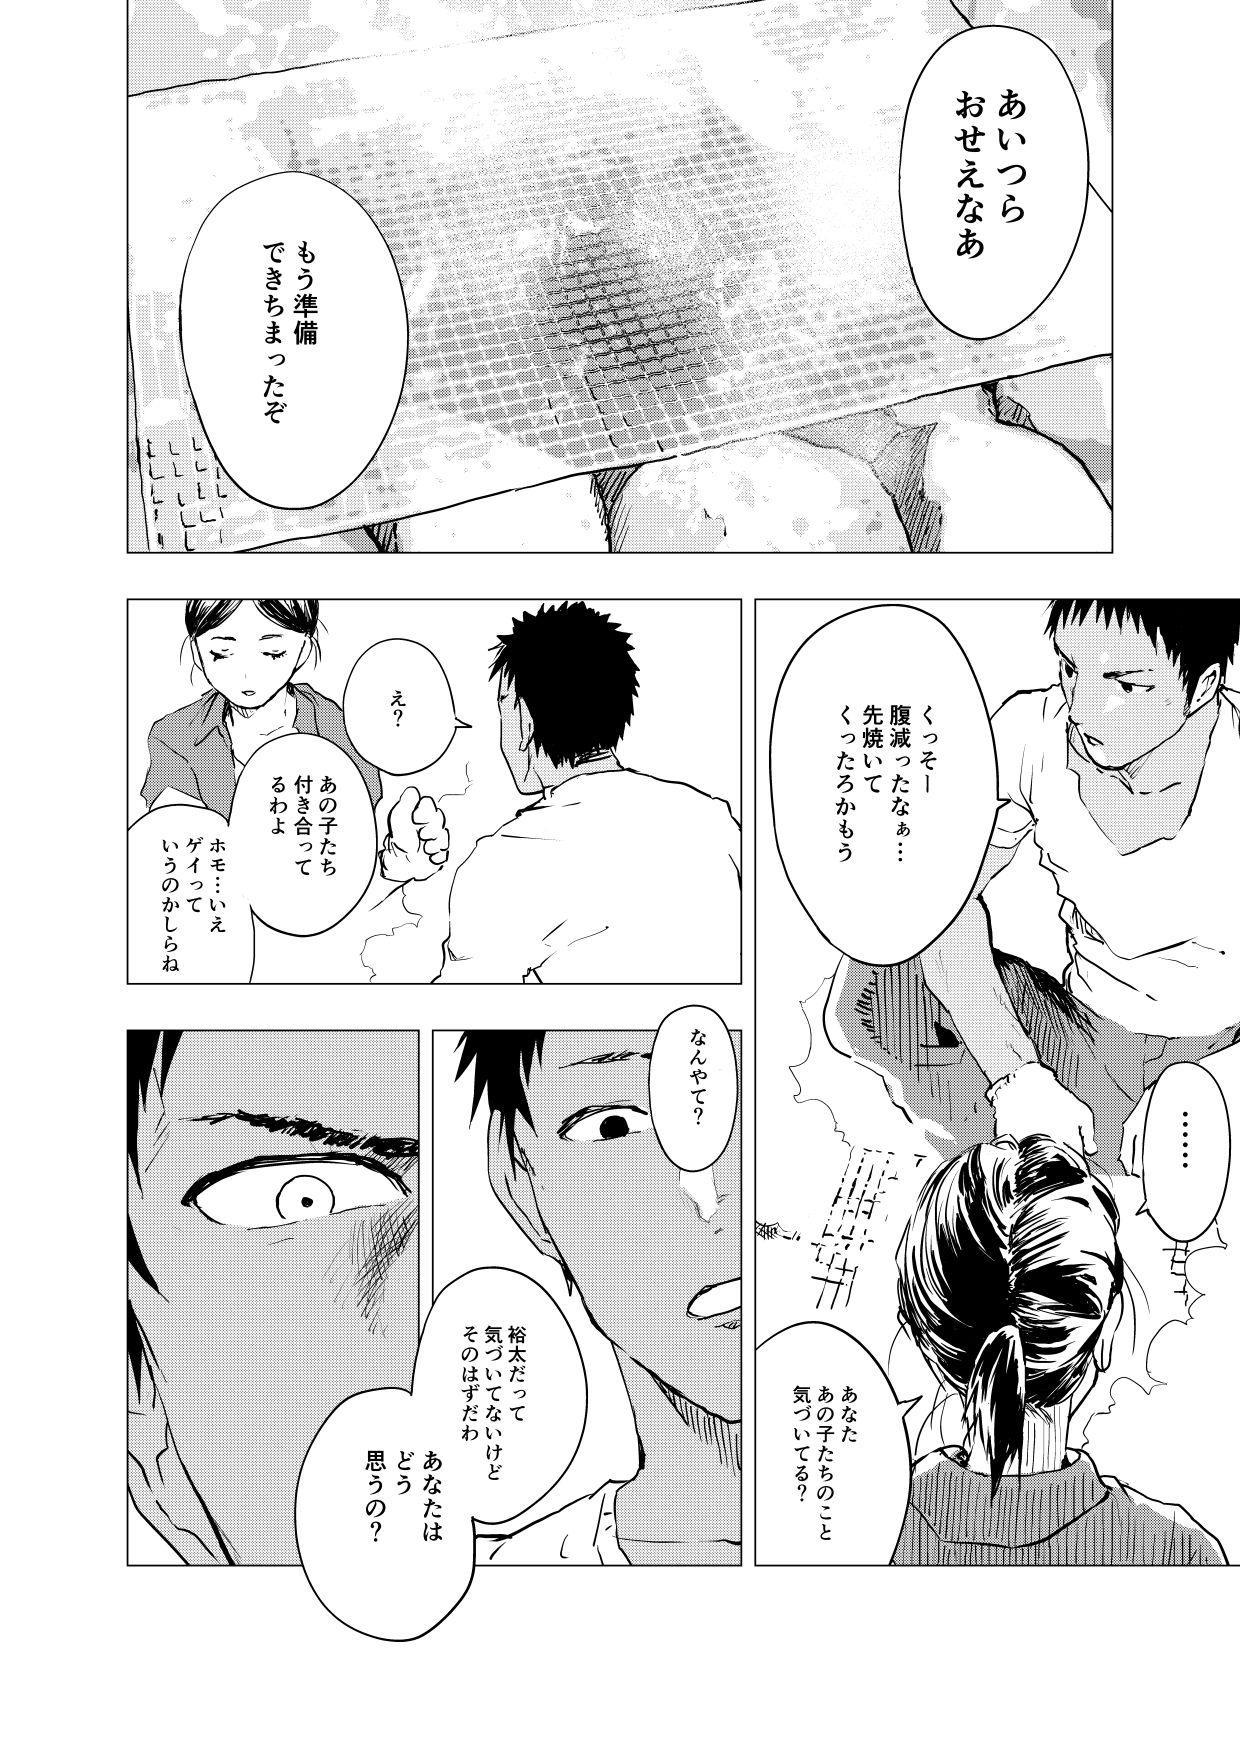 Inaka no Uke Shounen to Tokai no Seme Shounen no Ero Manga 1-6 76